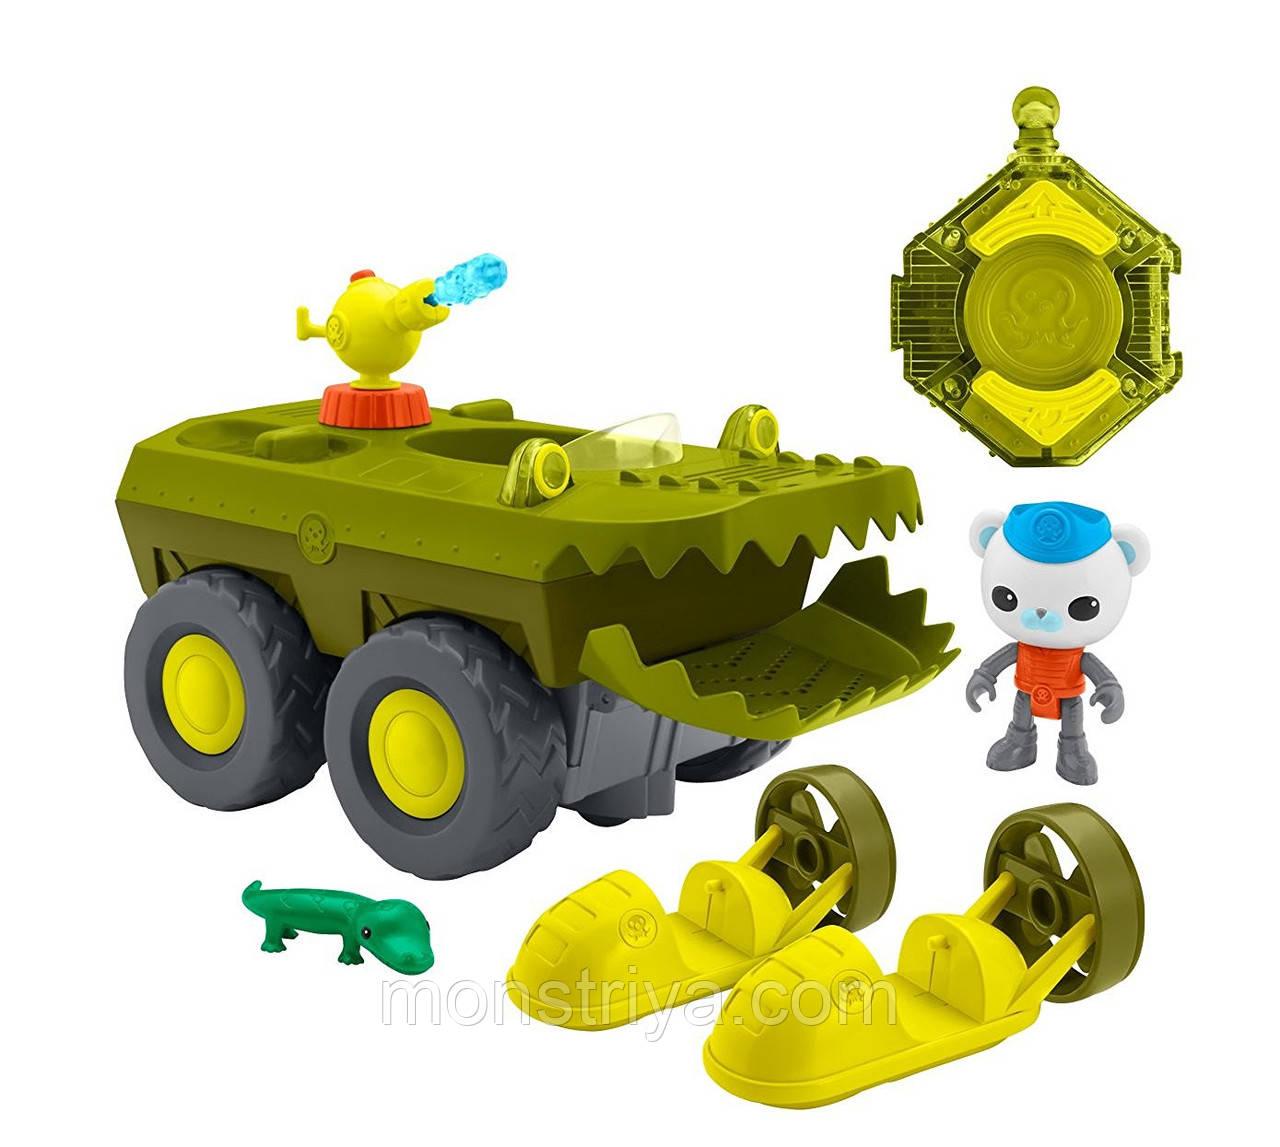 """Игрушки """"Октонавты"""" Машина на дистанционном управлении с капитаном Барнаклсом Fisher-Price Octonauts"""